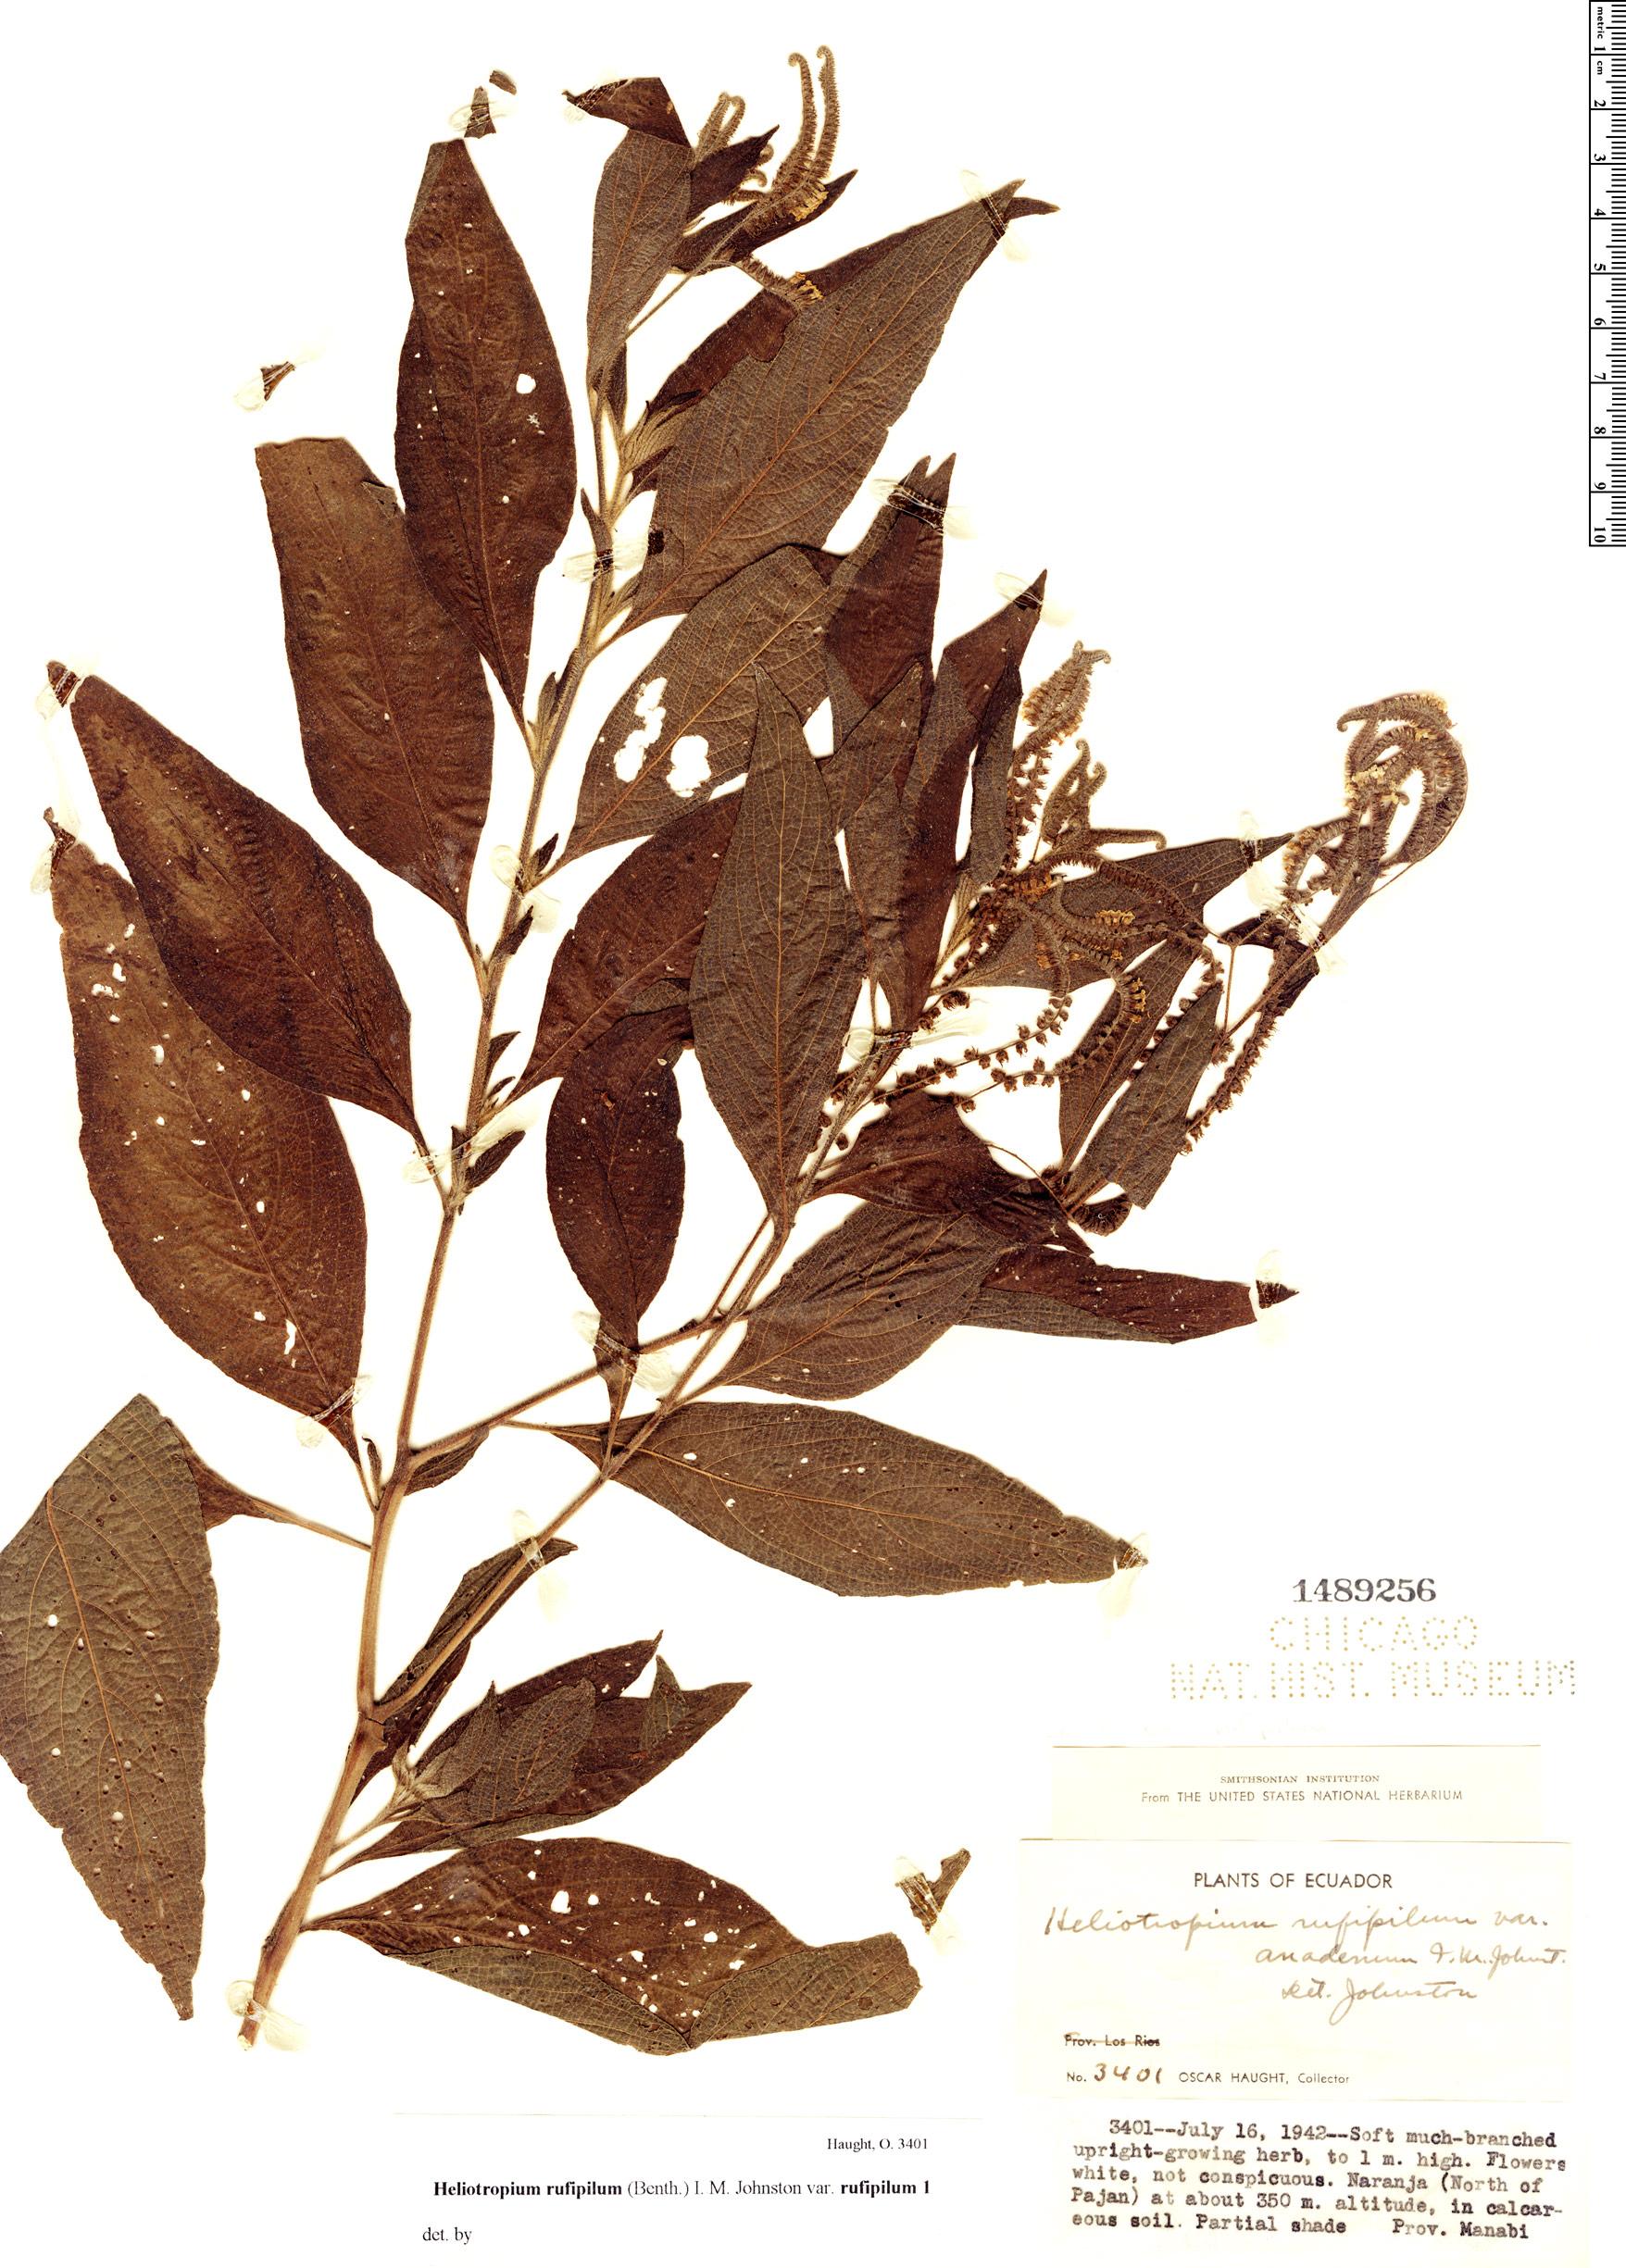 Specimen: Heliotropium rufipilum